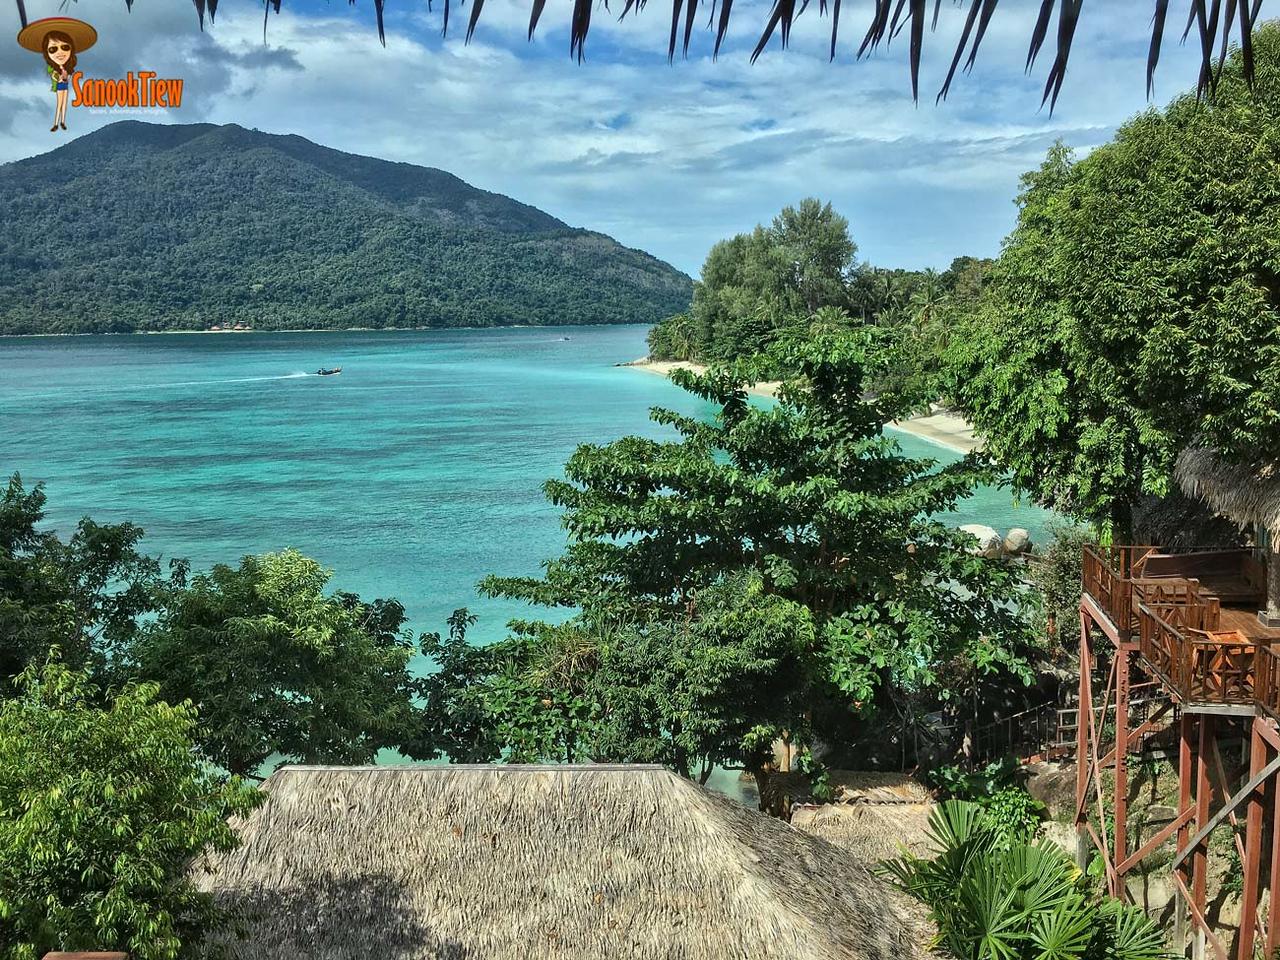 วิวจาก ระเบียง ที่พัก เกาะหลีเป๊ะ ที่ หาดซันเซ็ท (Senset Beach) สวย สุดจะบรรยายจริงๆ เงียบสงบและสวยงามแค่ไหน ดูได้เลยค่ะ